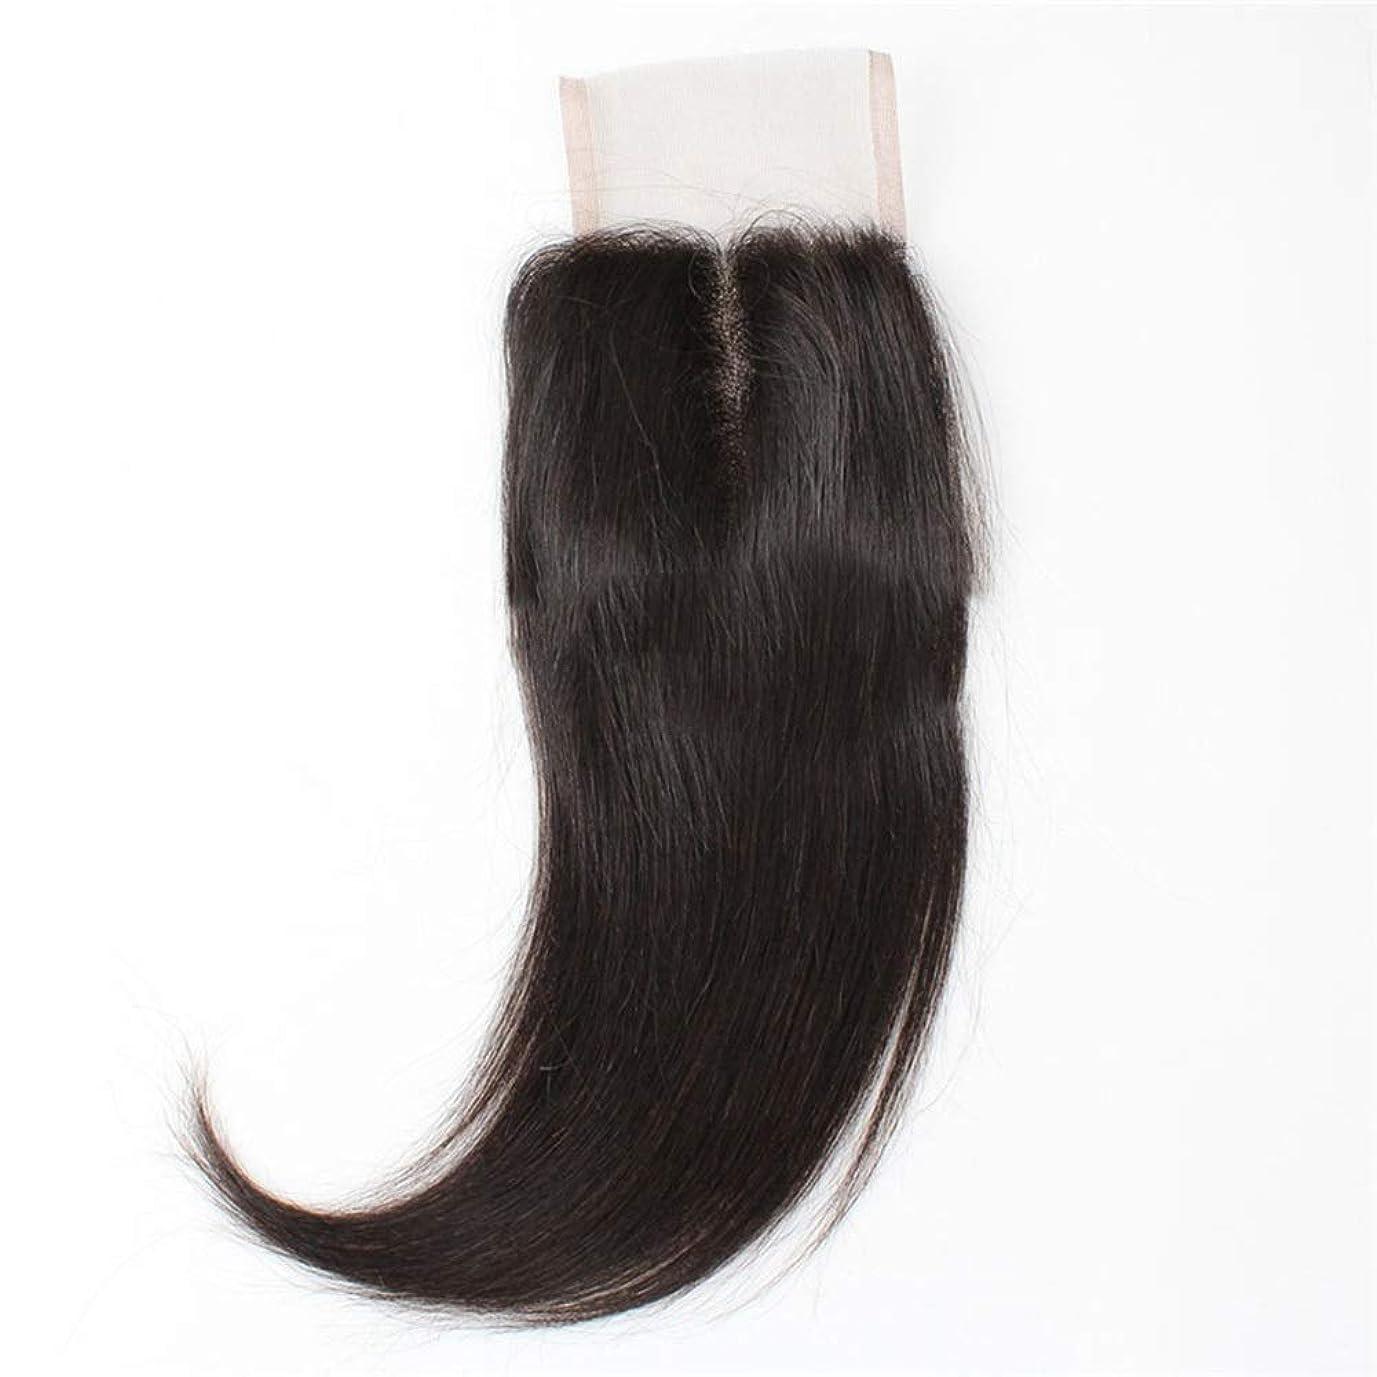 ビザ錆びマーキーBOBIDYEE ブラジルの髪4×4フルレース前頭閉鎖9A未処理人間の髪の毛絹のようなストレートヘアミドルパートナチュラルブラック複合毛レースのかつらロールプレイングかつらロングとショートの女性自然 (色 : 黒, サイズ : 16 inch)